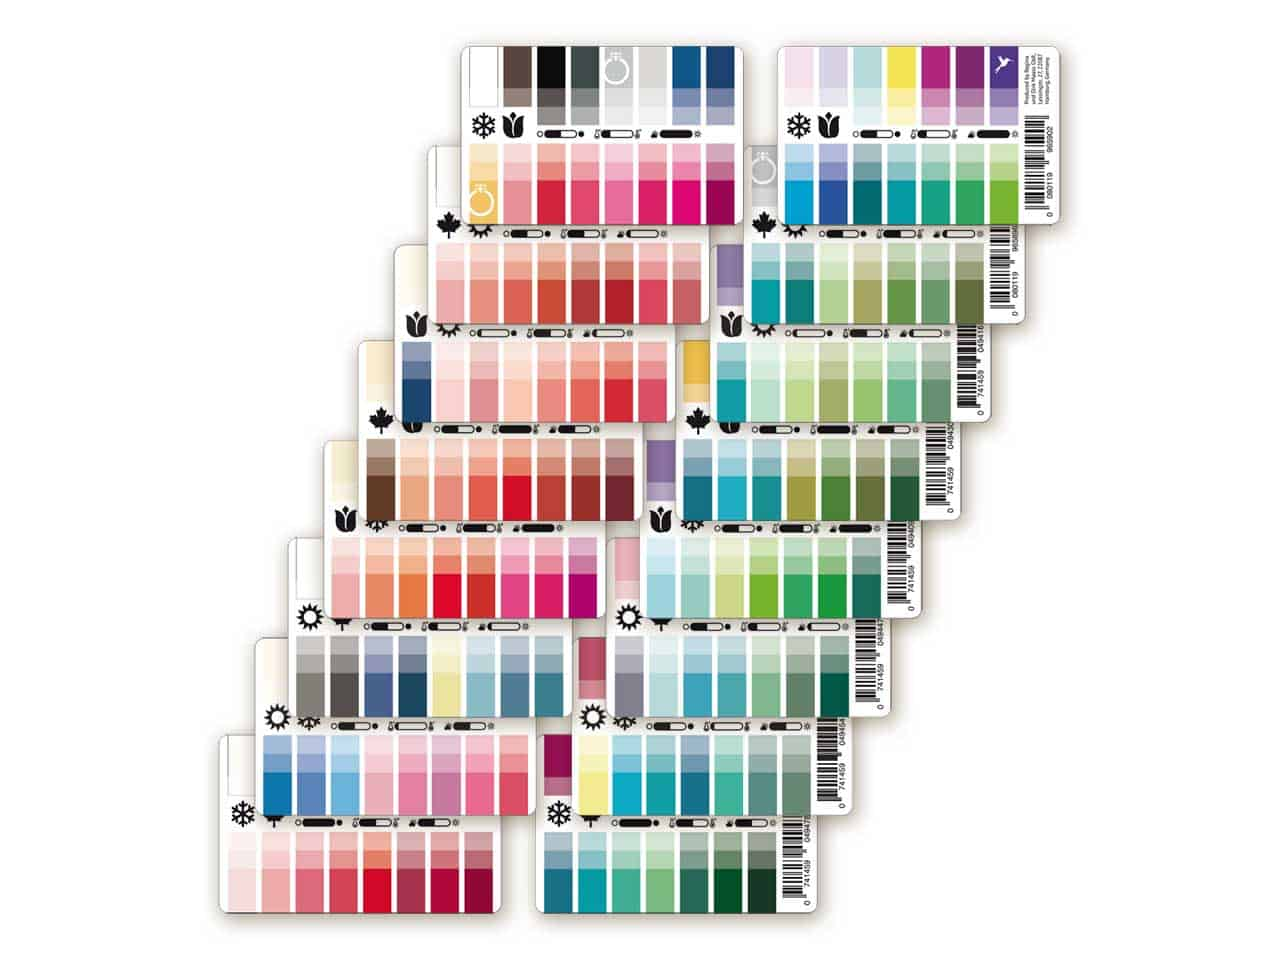 Farbpässe als Plastikkarten für 8 Mischtypen / Zwischentypen